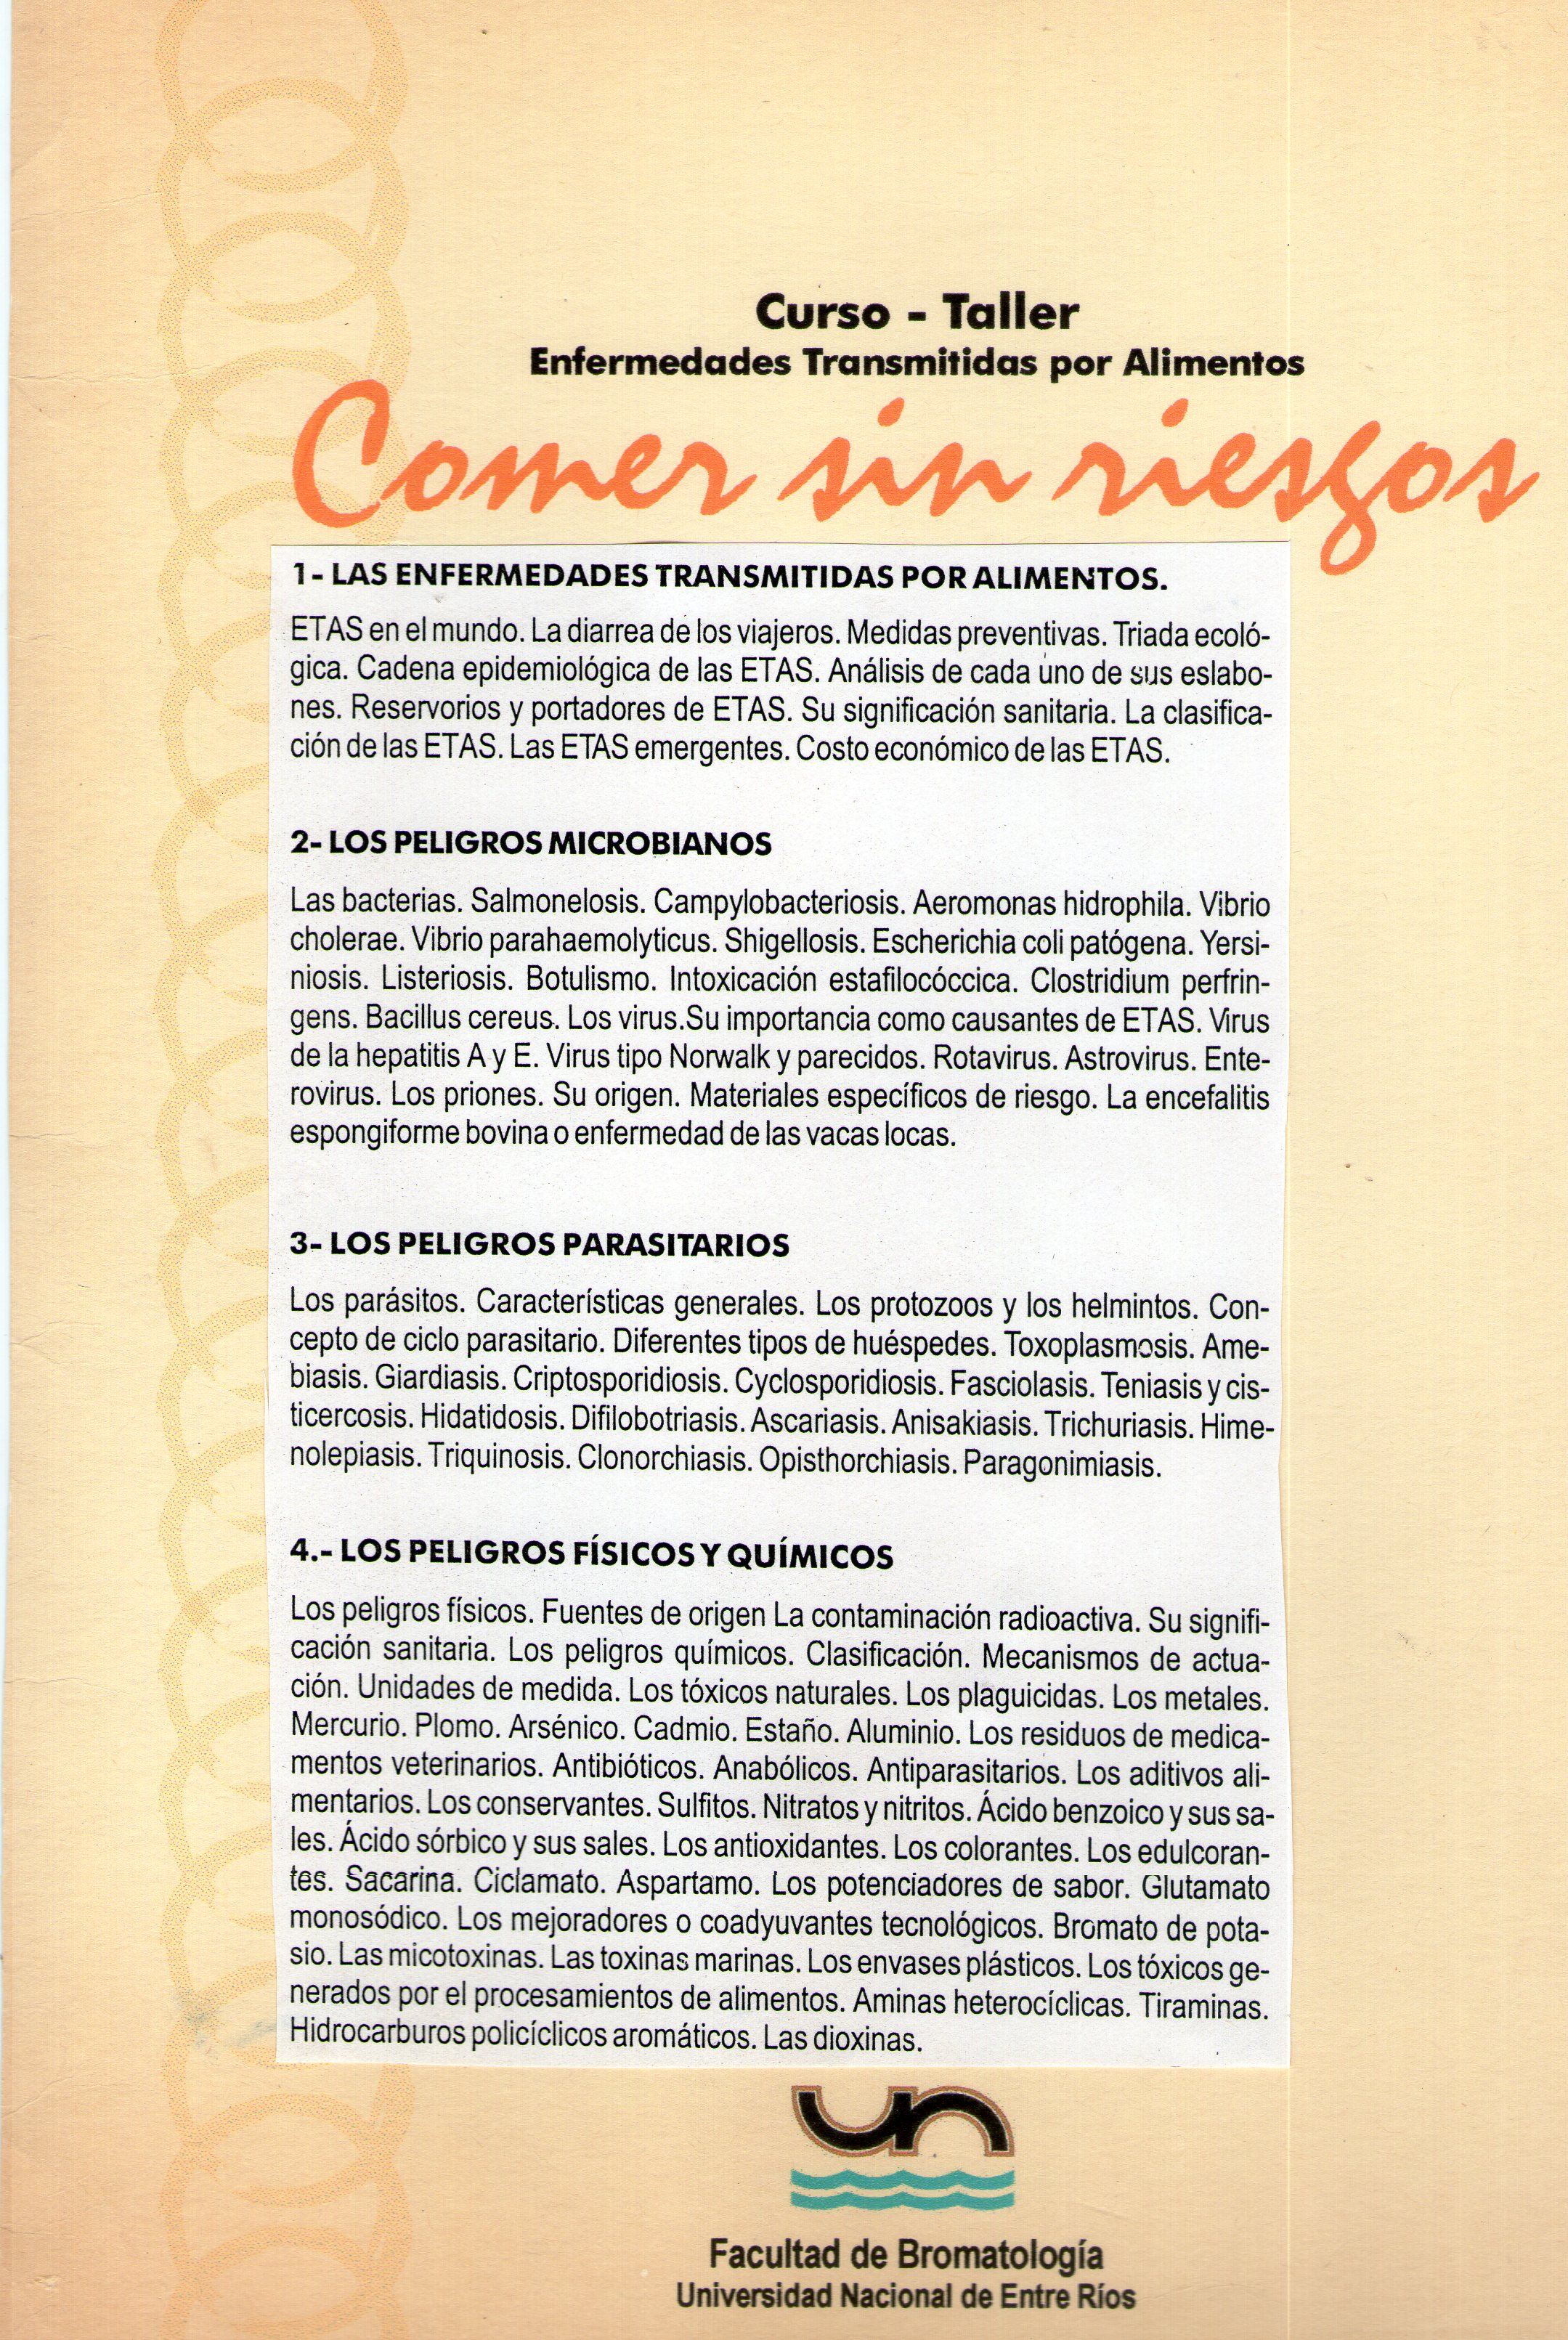 Univ Nac Entre Rios